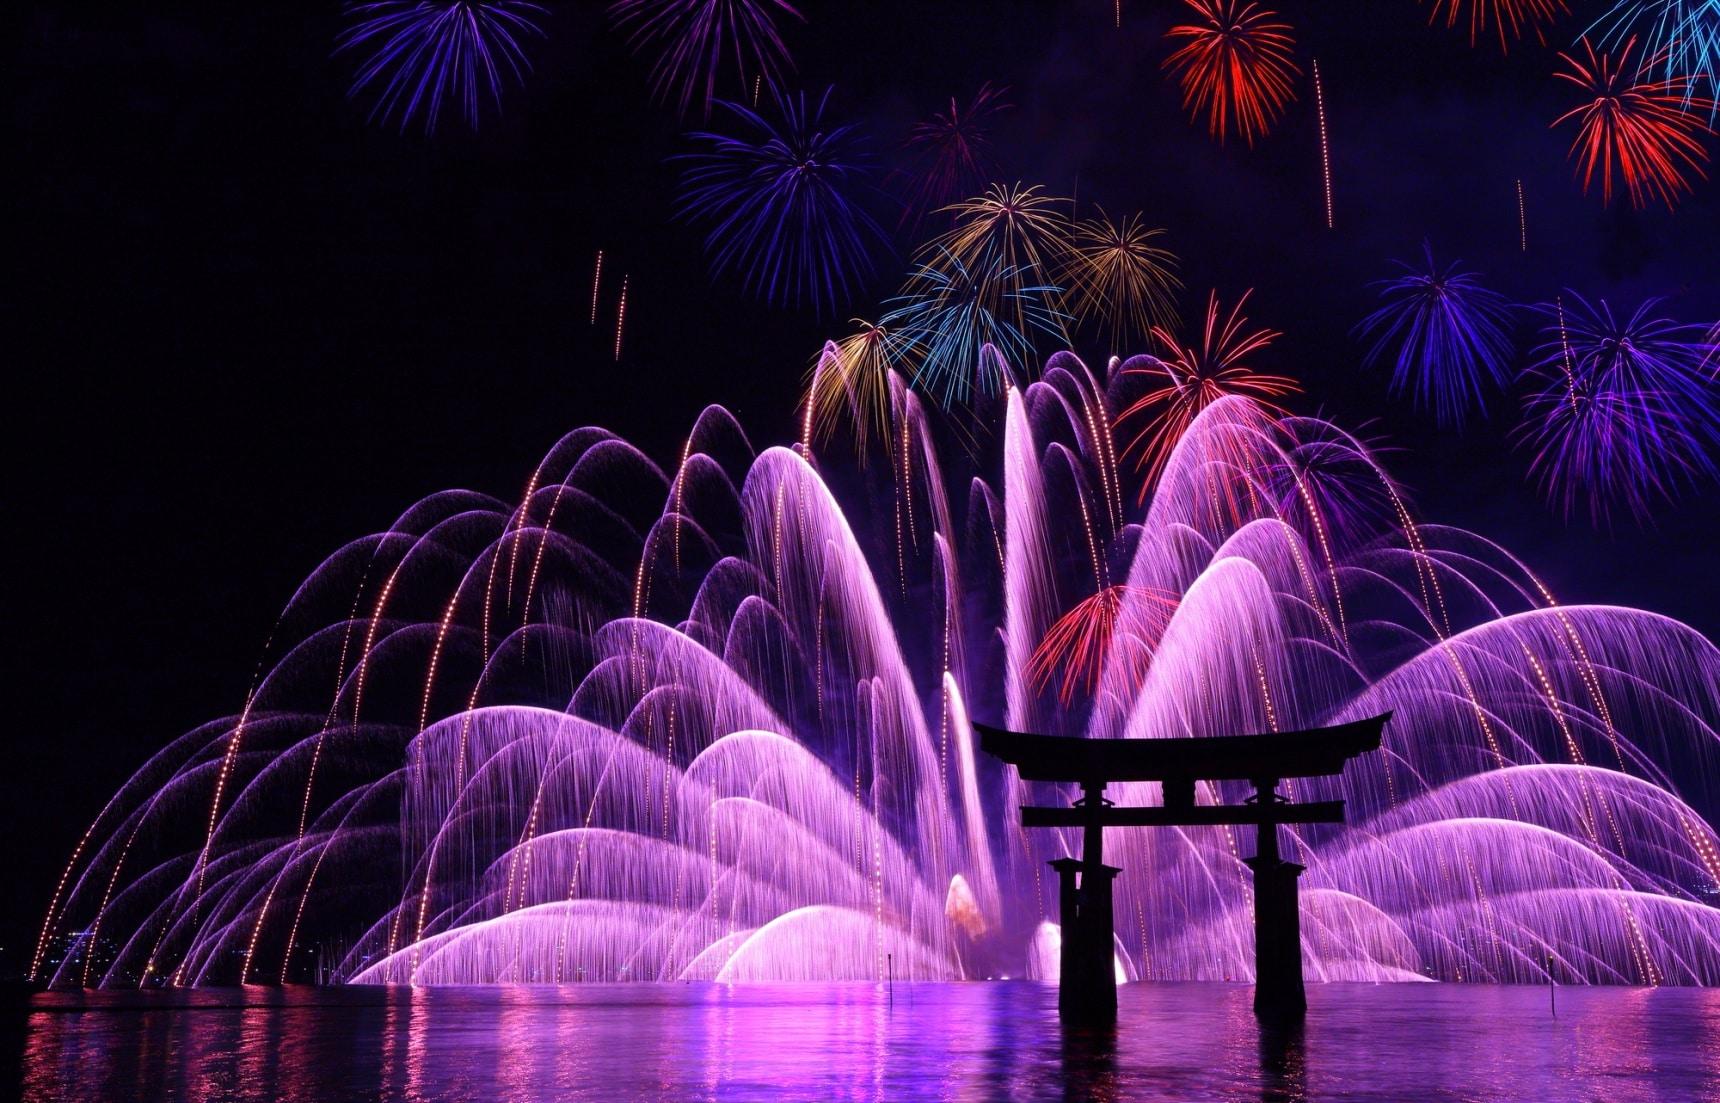 夏日震撼登場!令人讚嘆不已的日本高空煙火